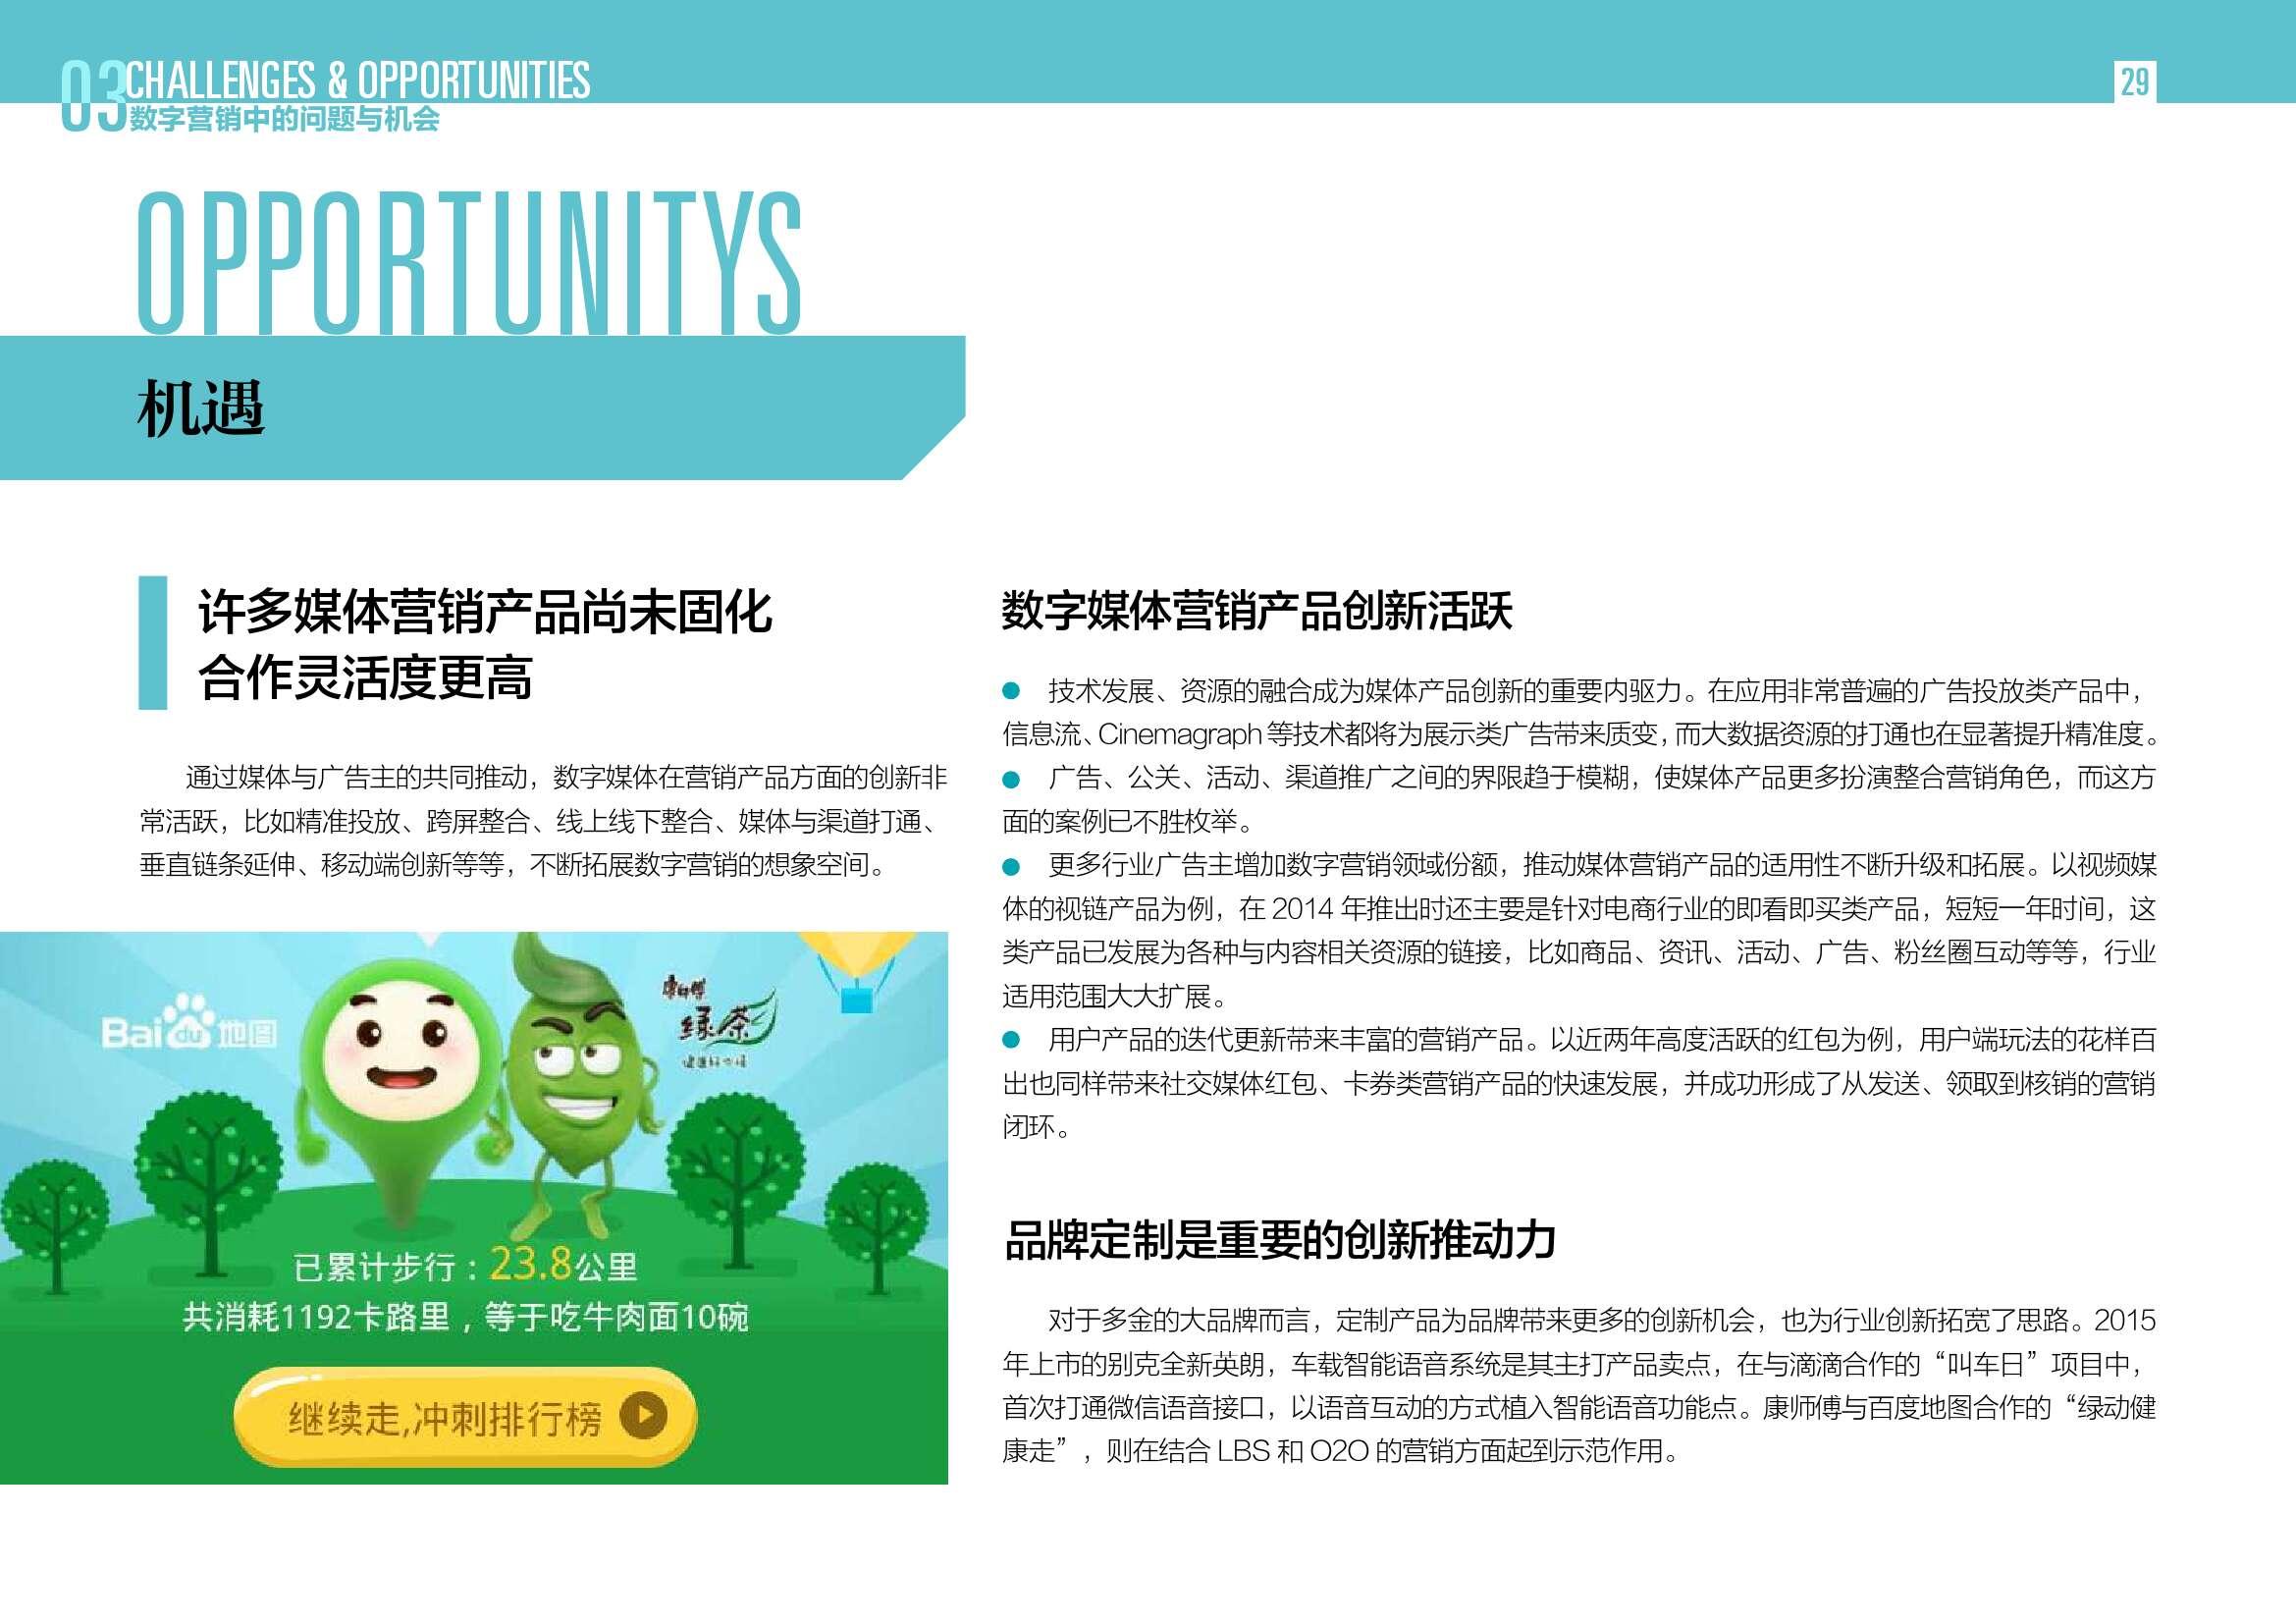 2016中国数字营销行动报告_000029